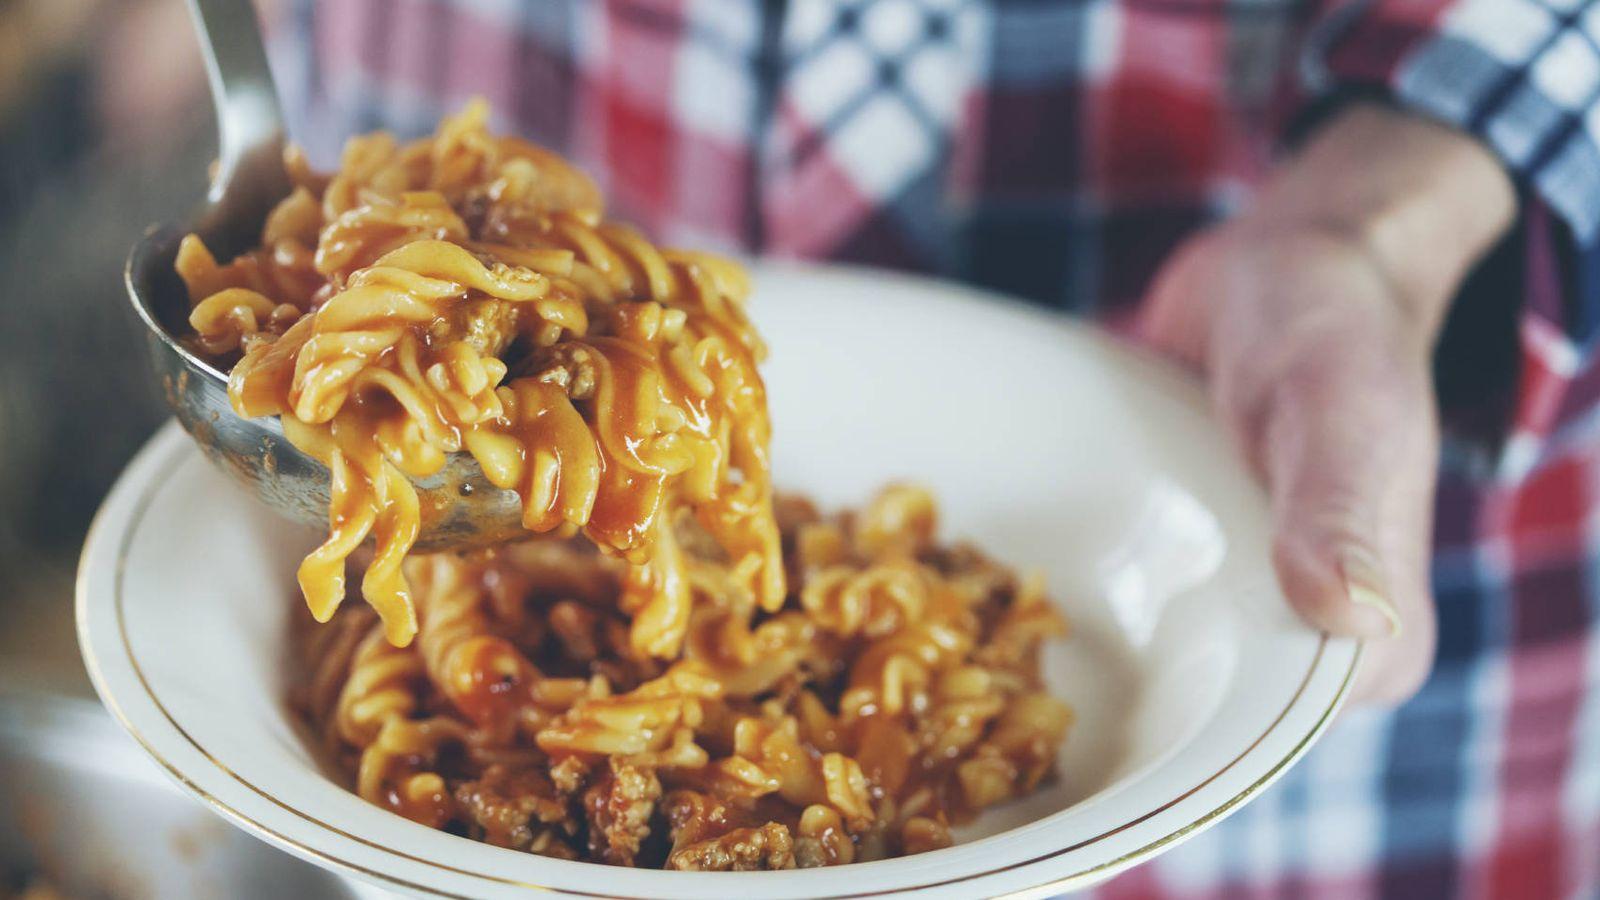 Gastronom a los seis grandes errores que cometemos al cocinar la pasta noticias de alma - 100 maneras de cocinar pasta ...